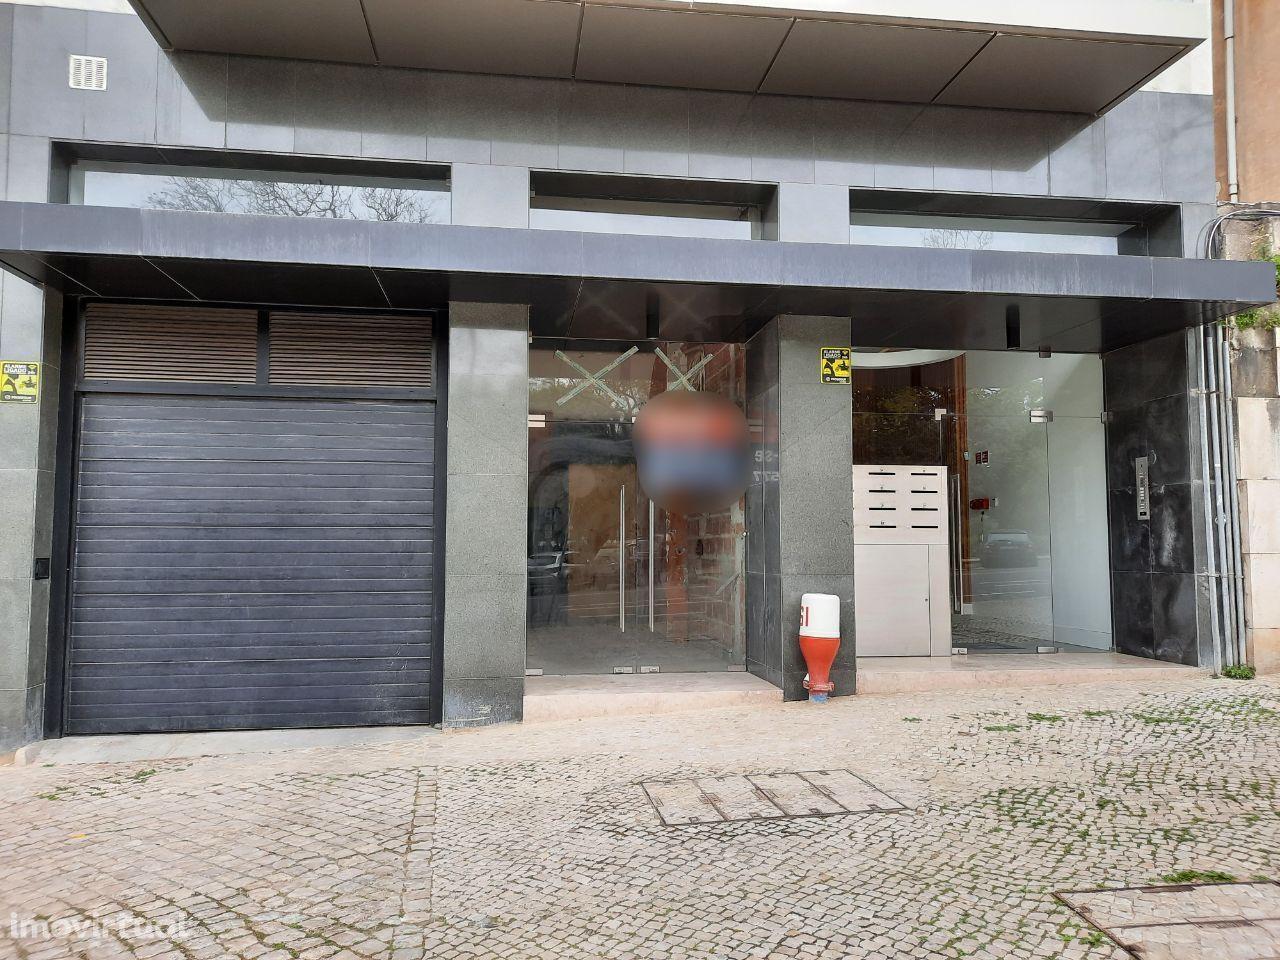 Arrendar Escritório Lisboa | 465 m2 | Avenidas Novas